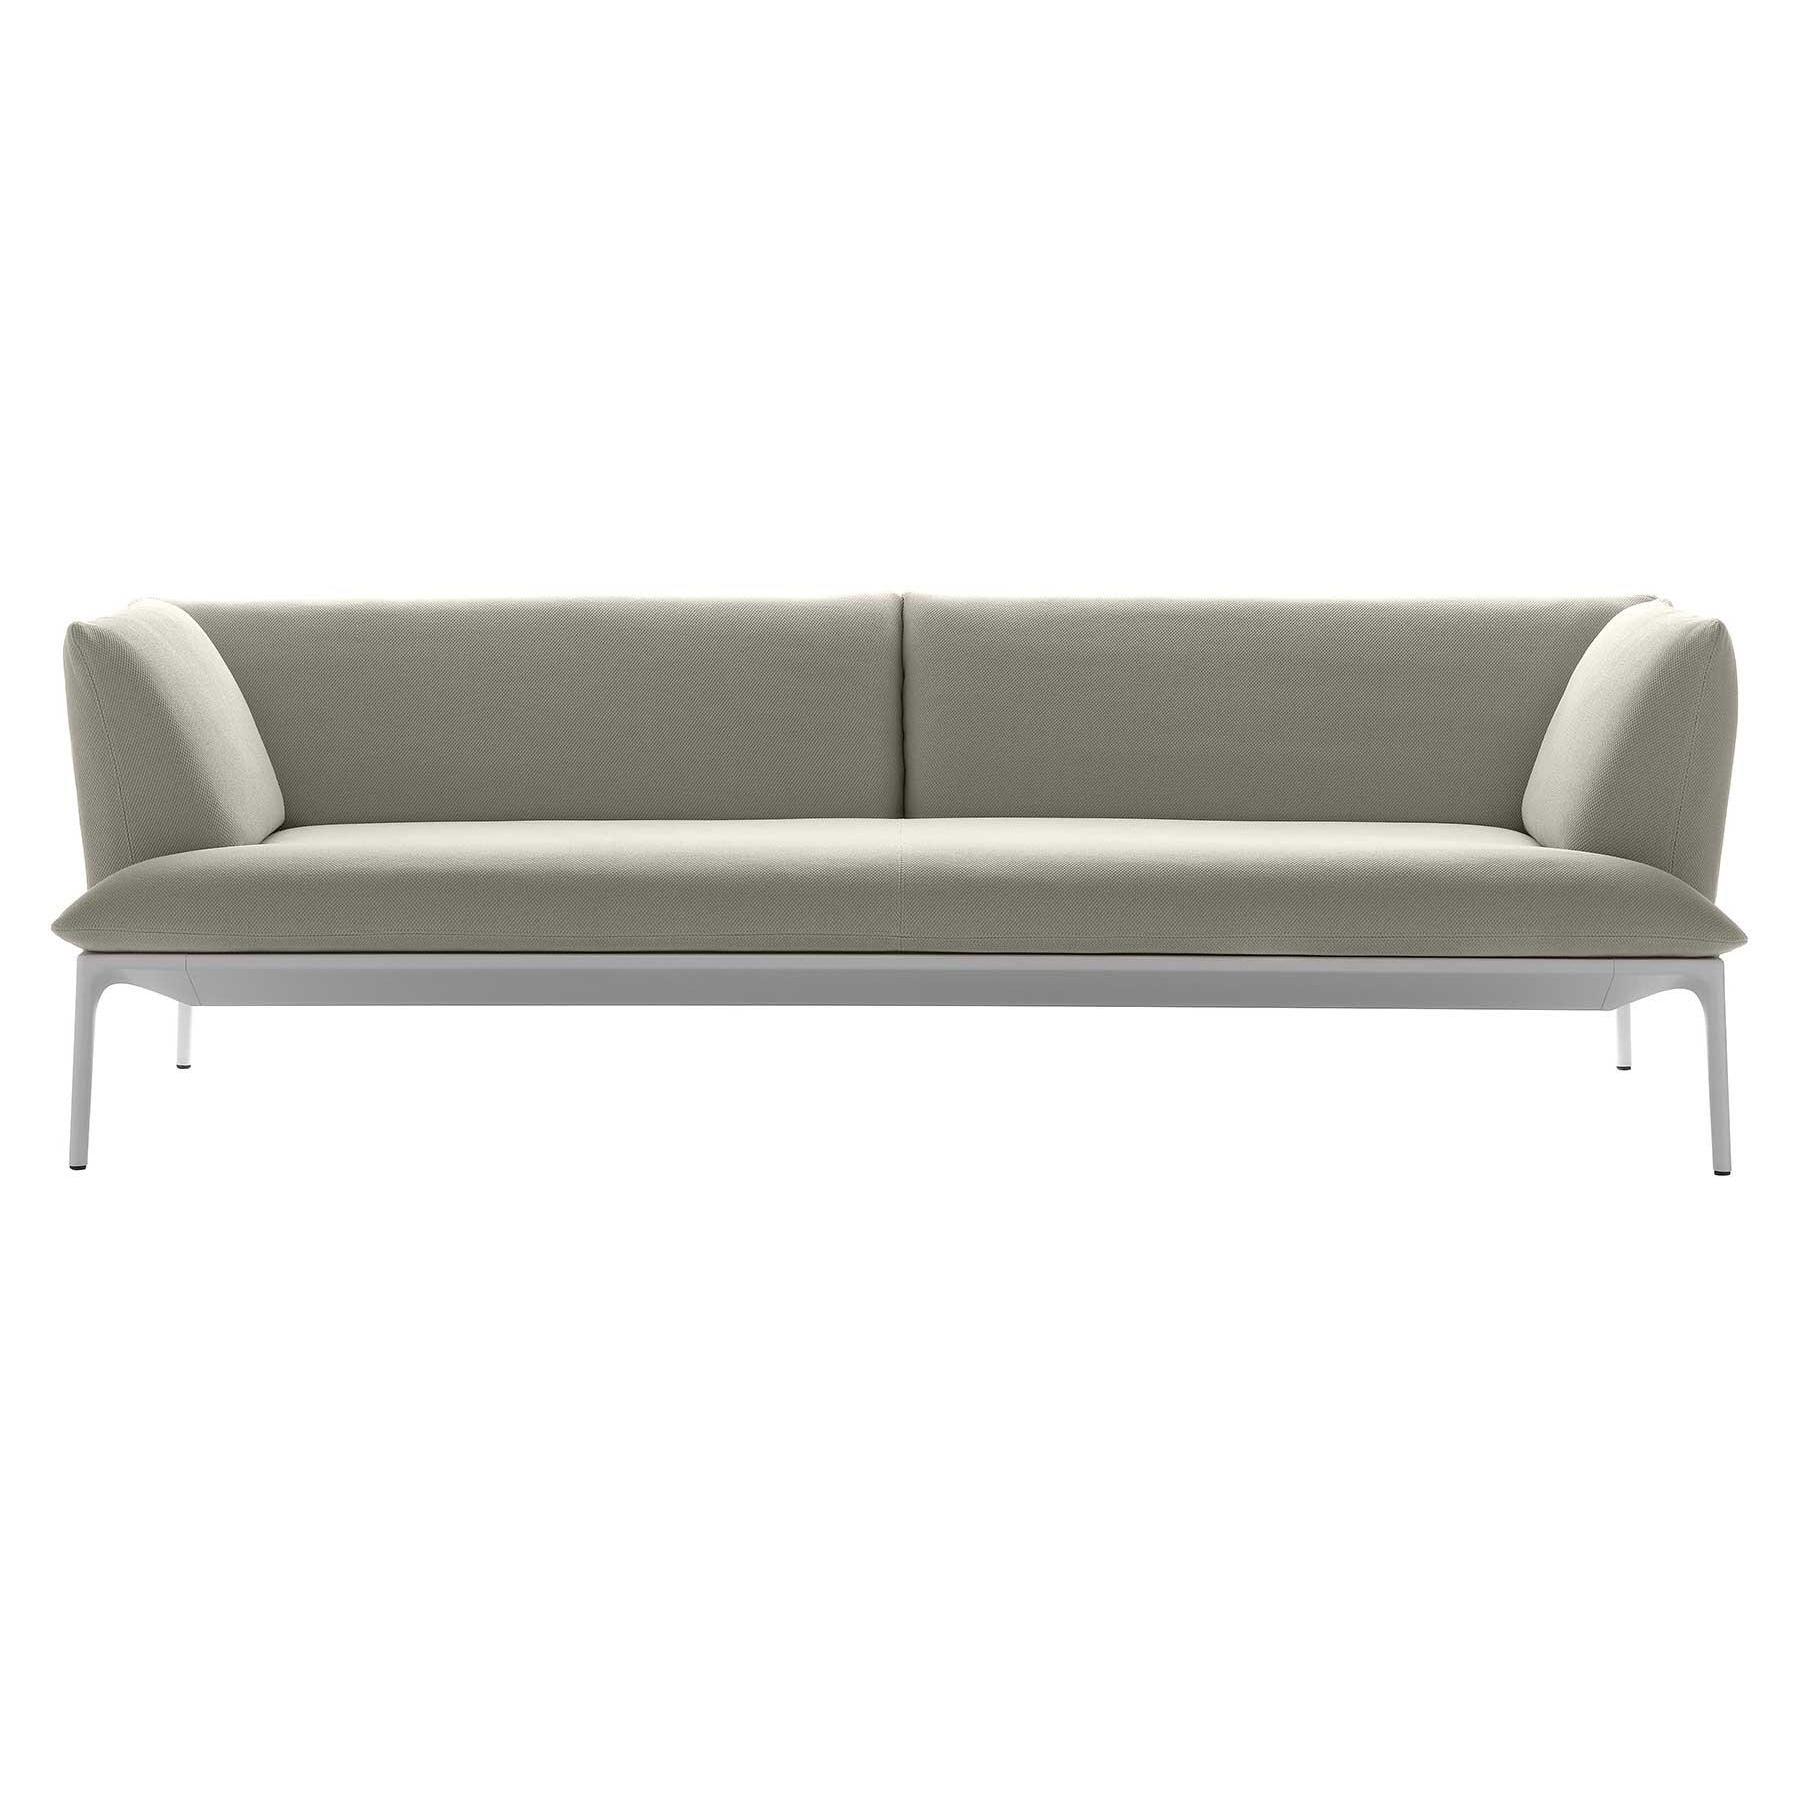 MDF Italia - Yale S4 - Canapé de 4 places - clair gris/étoffe Menfi R366 Col. 166/PxHxP 260x76x86cm/structure laqué blanc mat